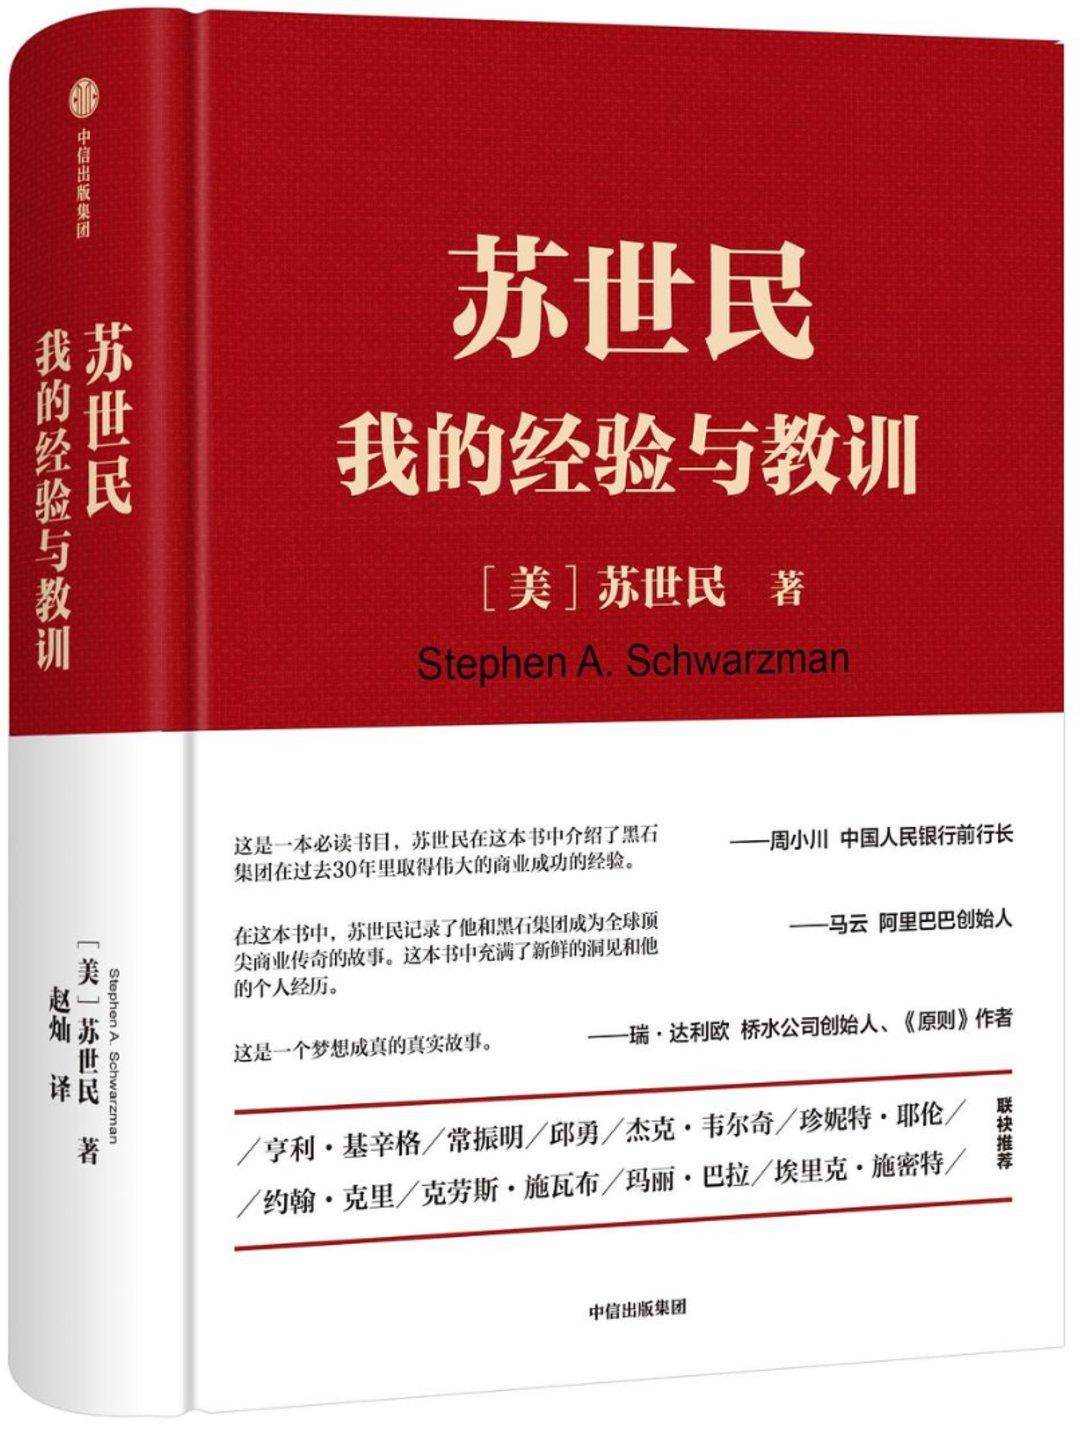 黑石集团 CEO 苏世民的回忆录,他如何走到今天这一步?_商业_好奇心日报